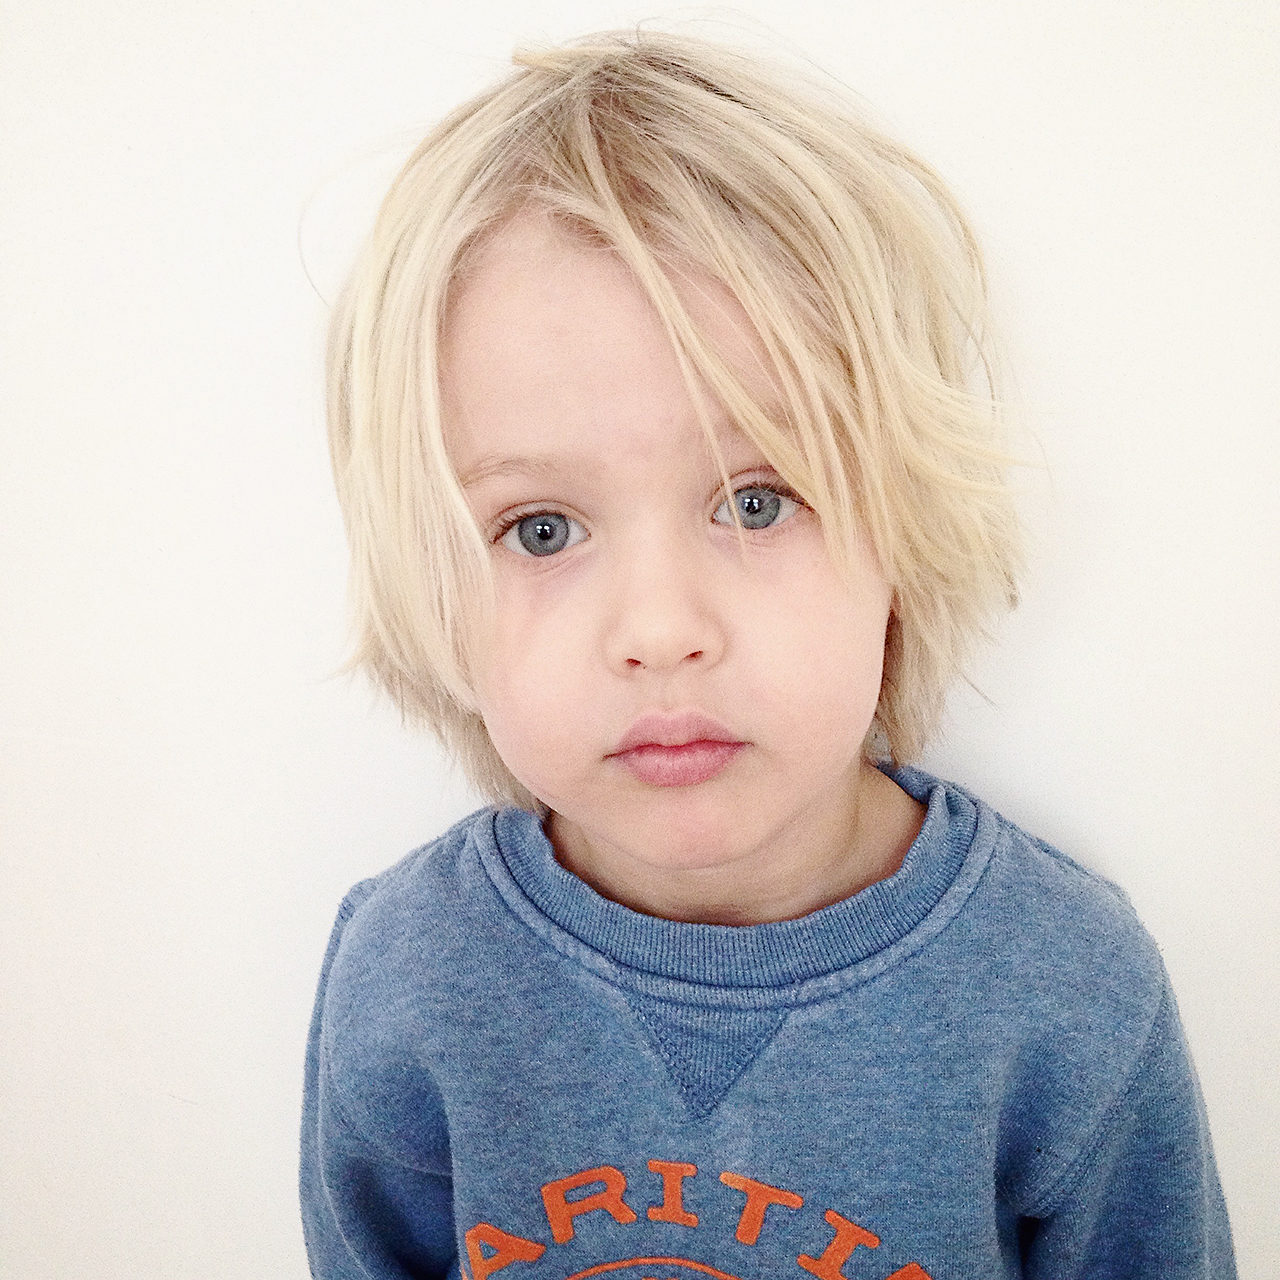 capaz-mirandakoopman-portretfotografie-kinderen-877